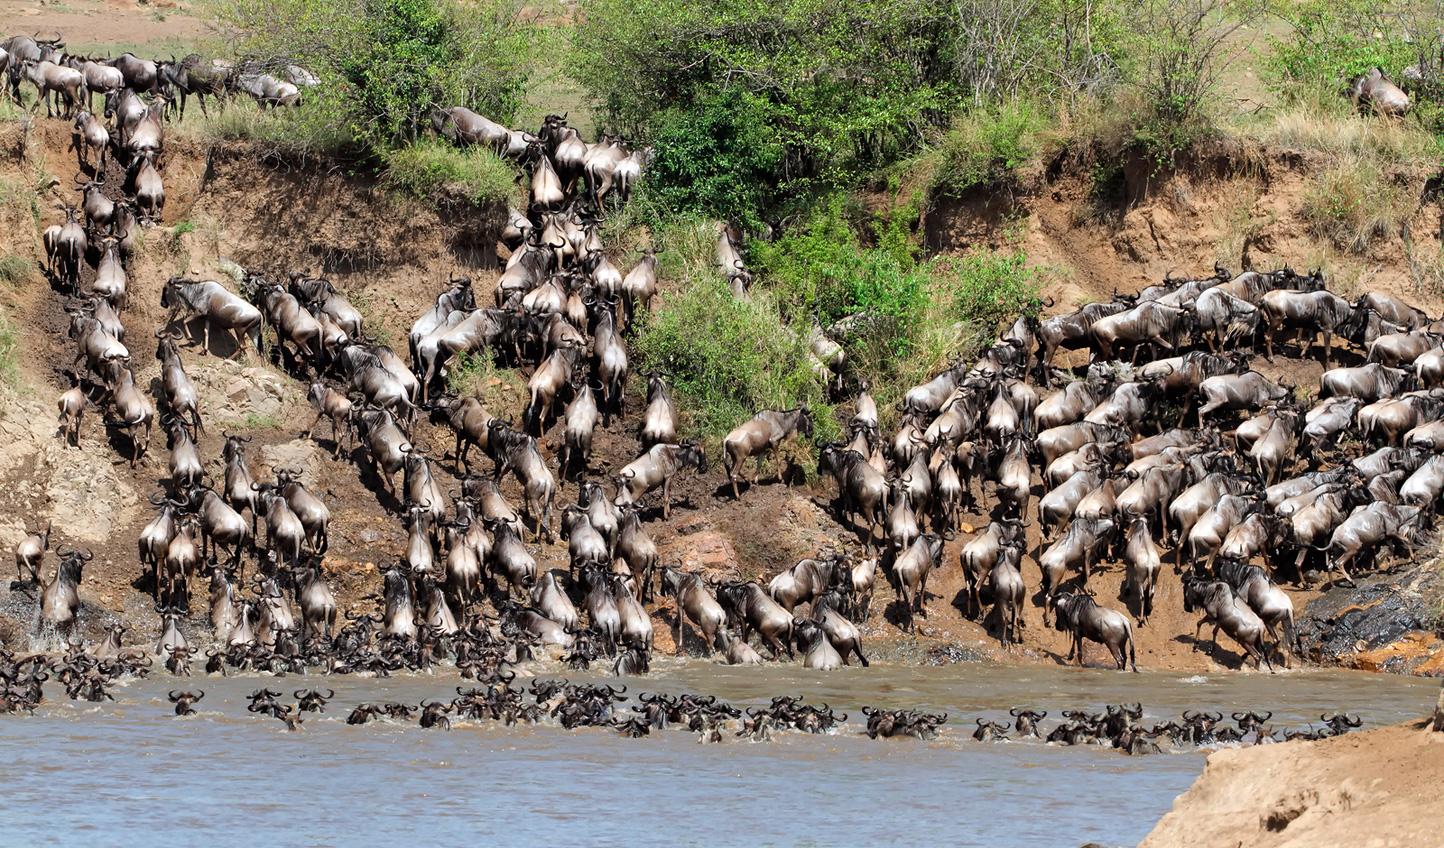 Awe at the Serengeti migration